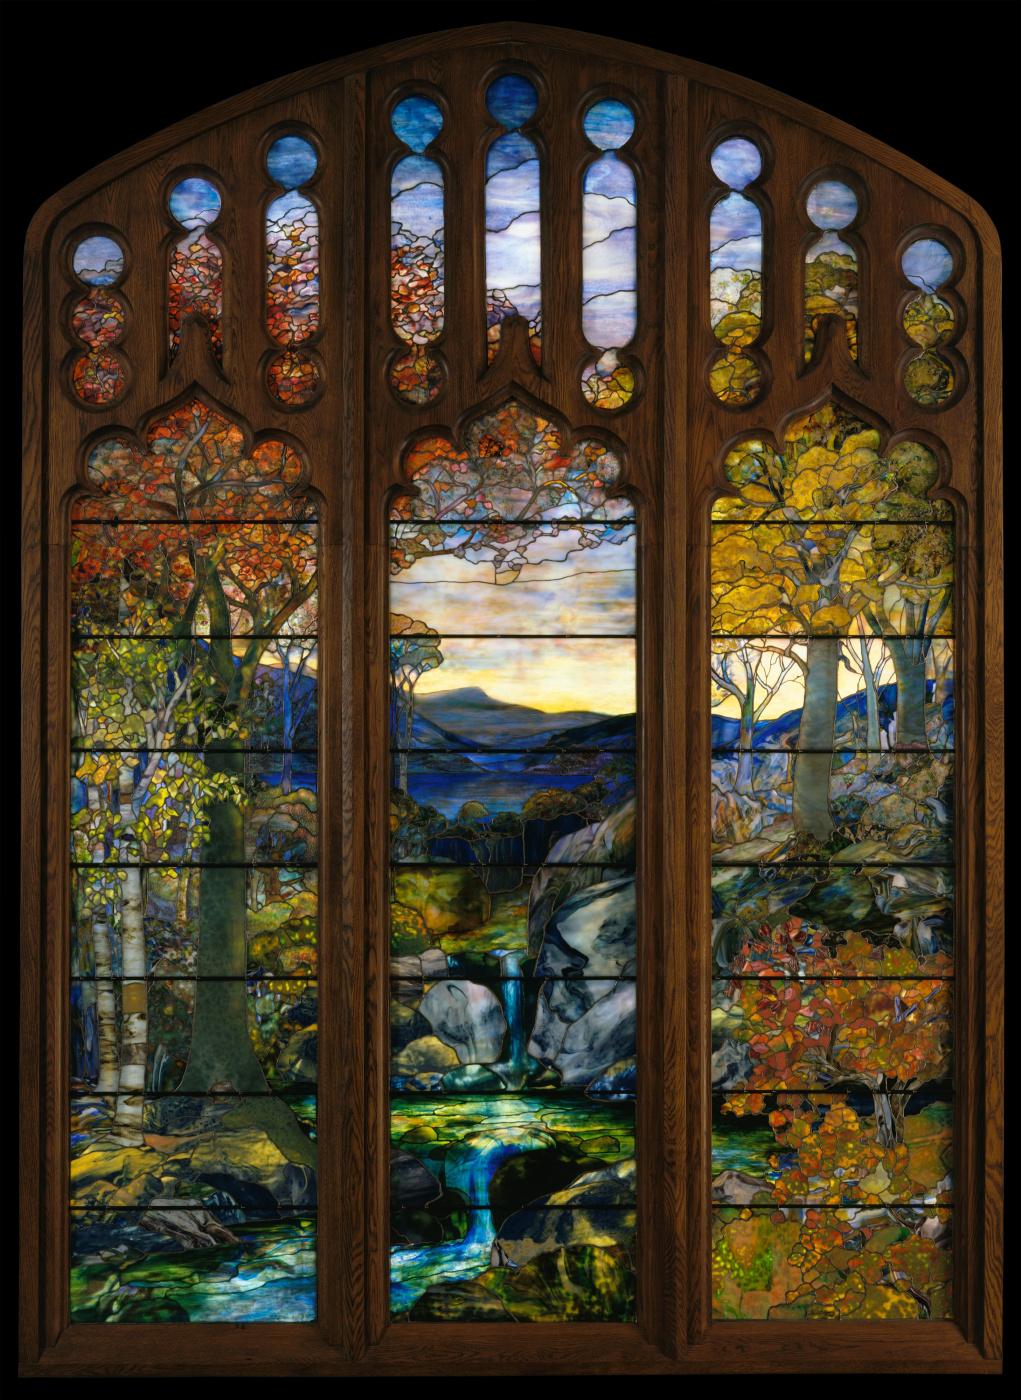 Louis Comfort Tiffany. Autumn landscape